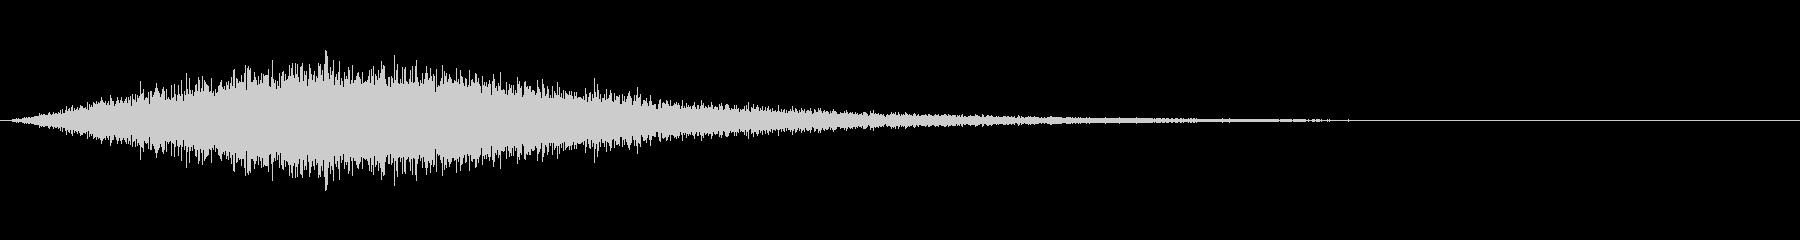 シューッという音EC07_90_2 2の未再生の波形